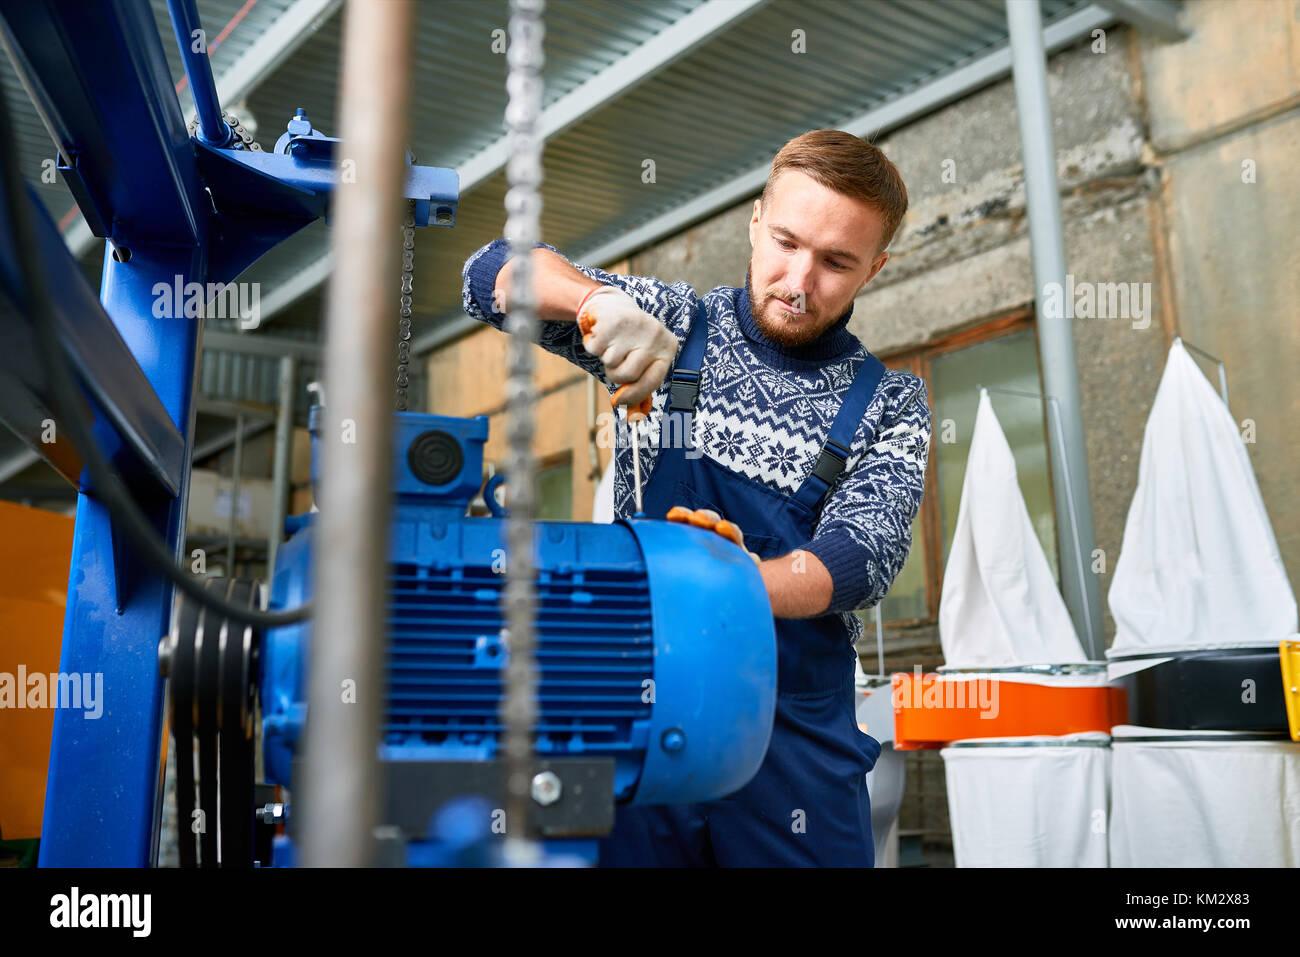 Uomo che ripara unità della macchina presso la fabbrica Immagini Stock